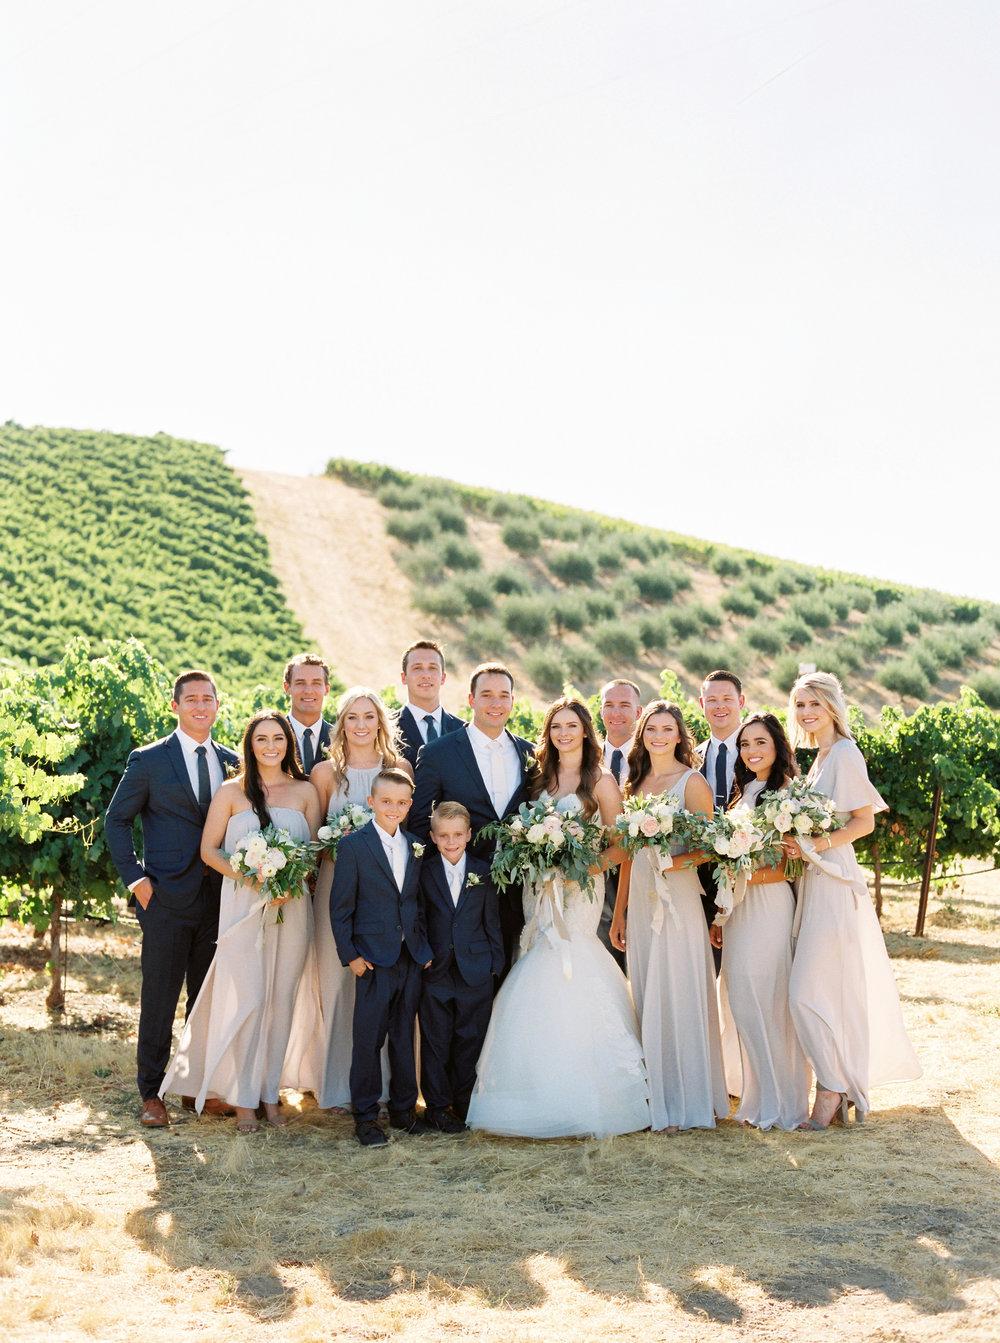 muriettas-well-wedding-in-livermore-california-106.jpg